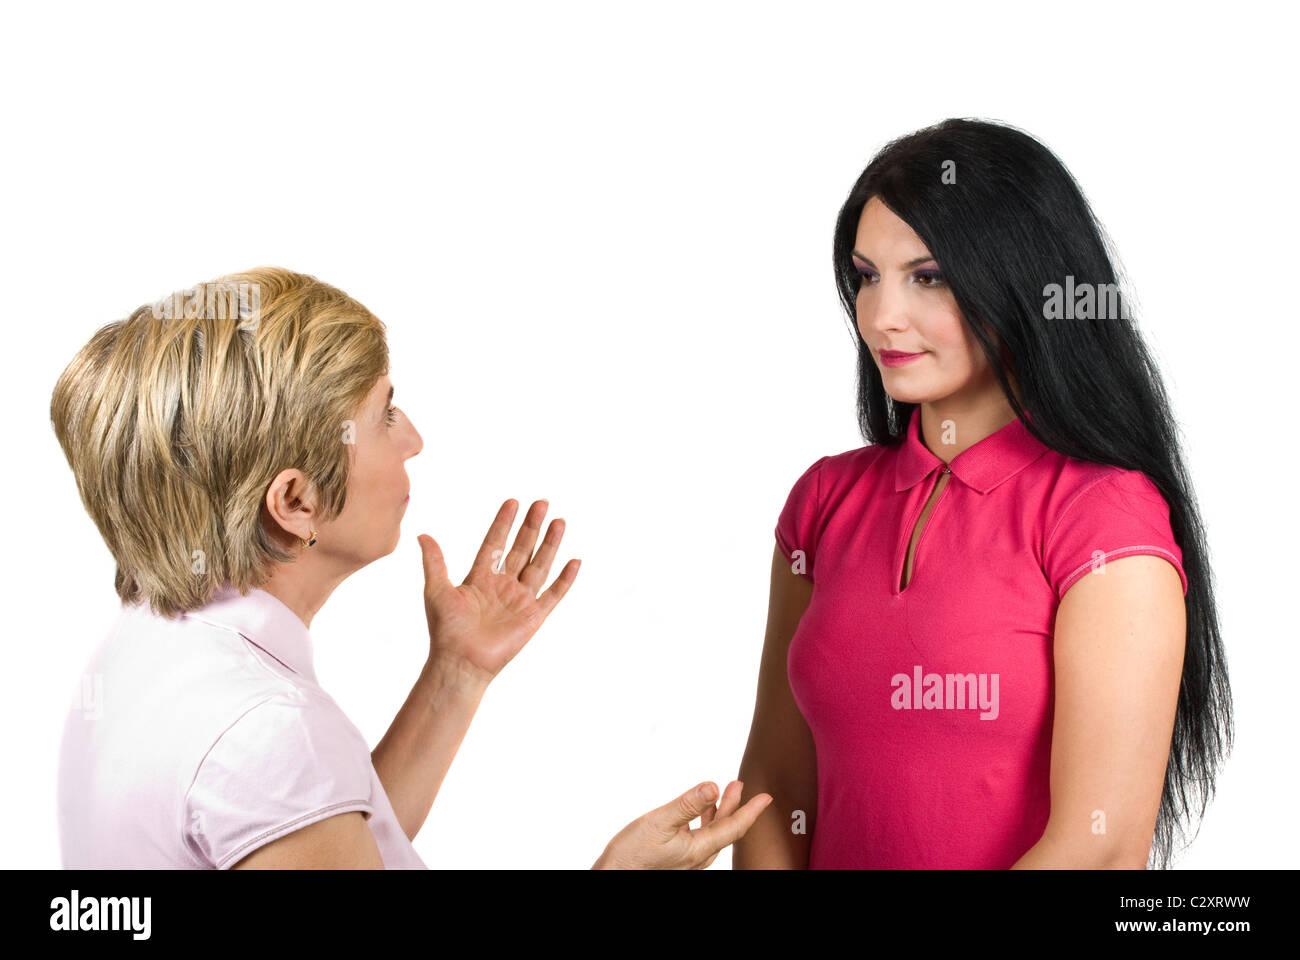 Mère et fille ont une conversation, la jeune femme l'écoute très attentive de sa mère alors que le senior woman donner quelques conseils Banque D'Images